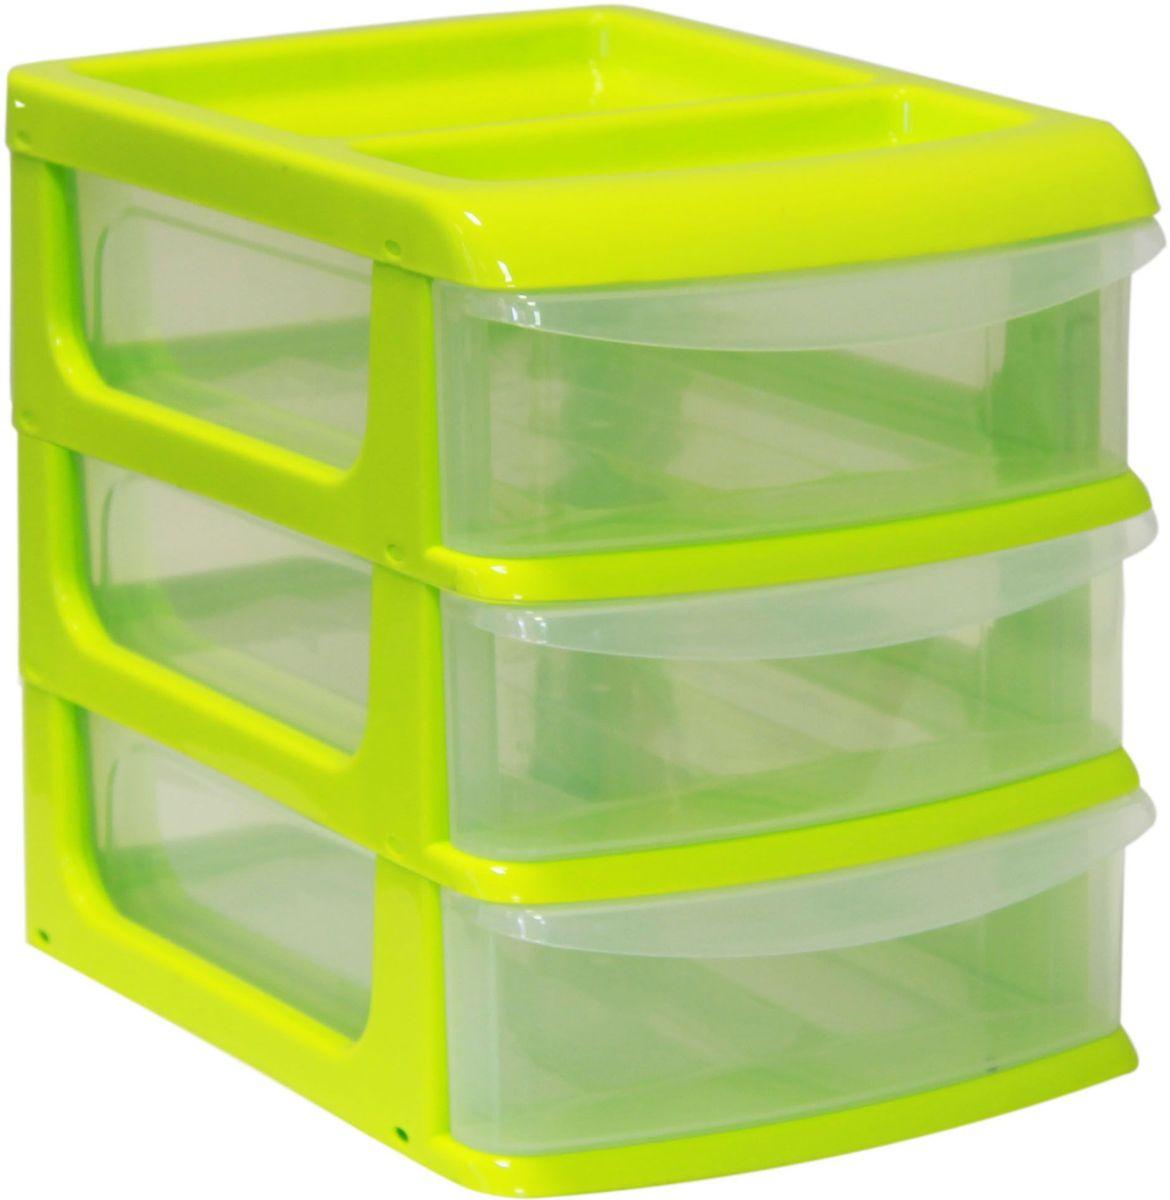 Бокс универсальный Idea, цвет: салатовый, прозрачный, 25 х 34 х 28 см, 3 секции органайзер кухонный idea цвет салатовый 19 х 25 х 14 5 см